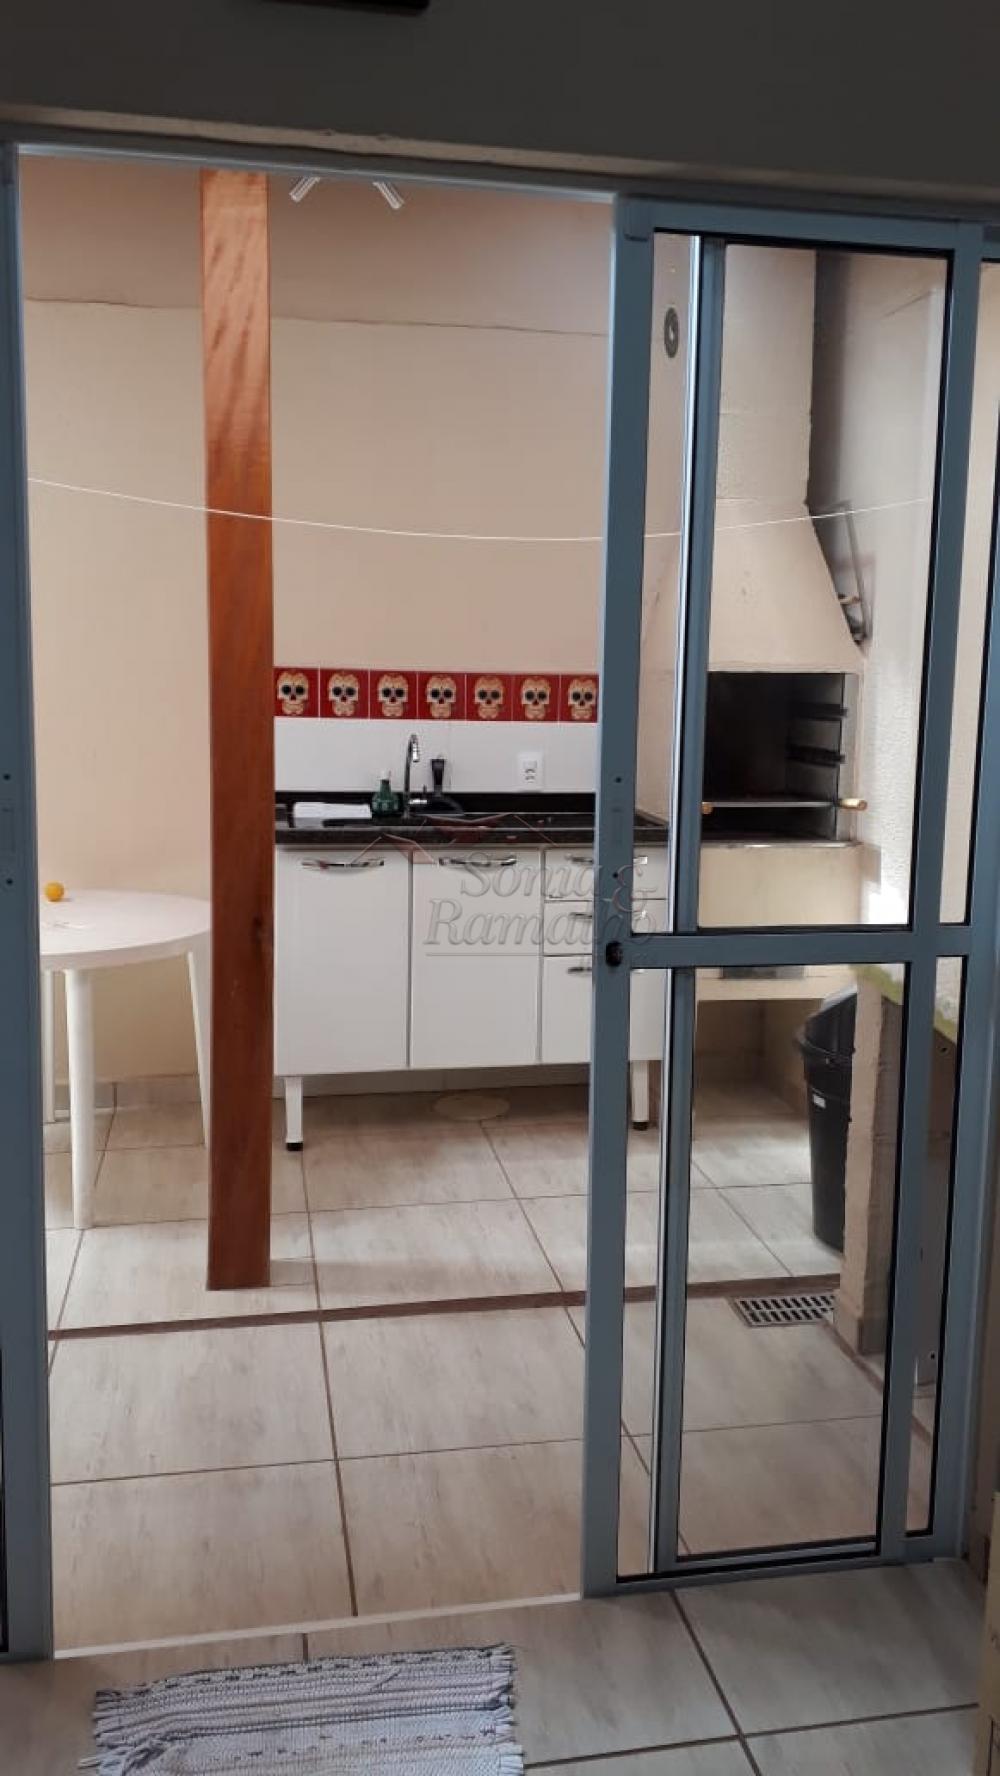 Comprar Casas / Padrão em Ribeirão Preto apenas R$ 265.000,00 - Foto 26